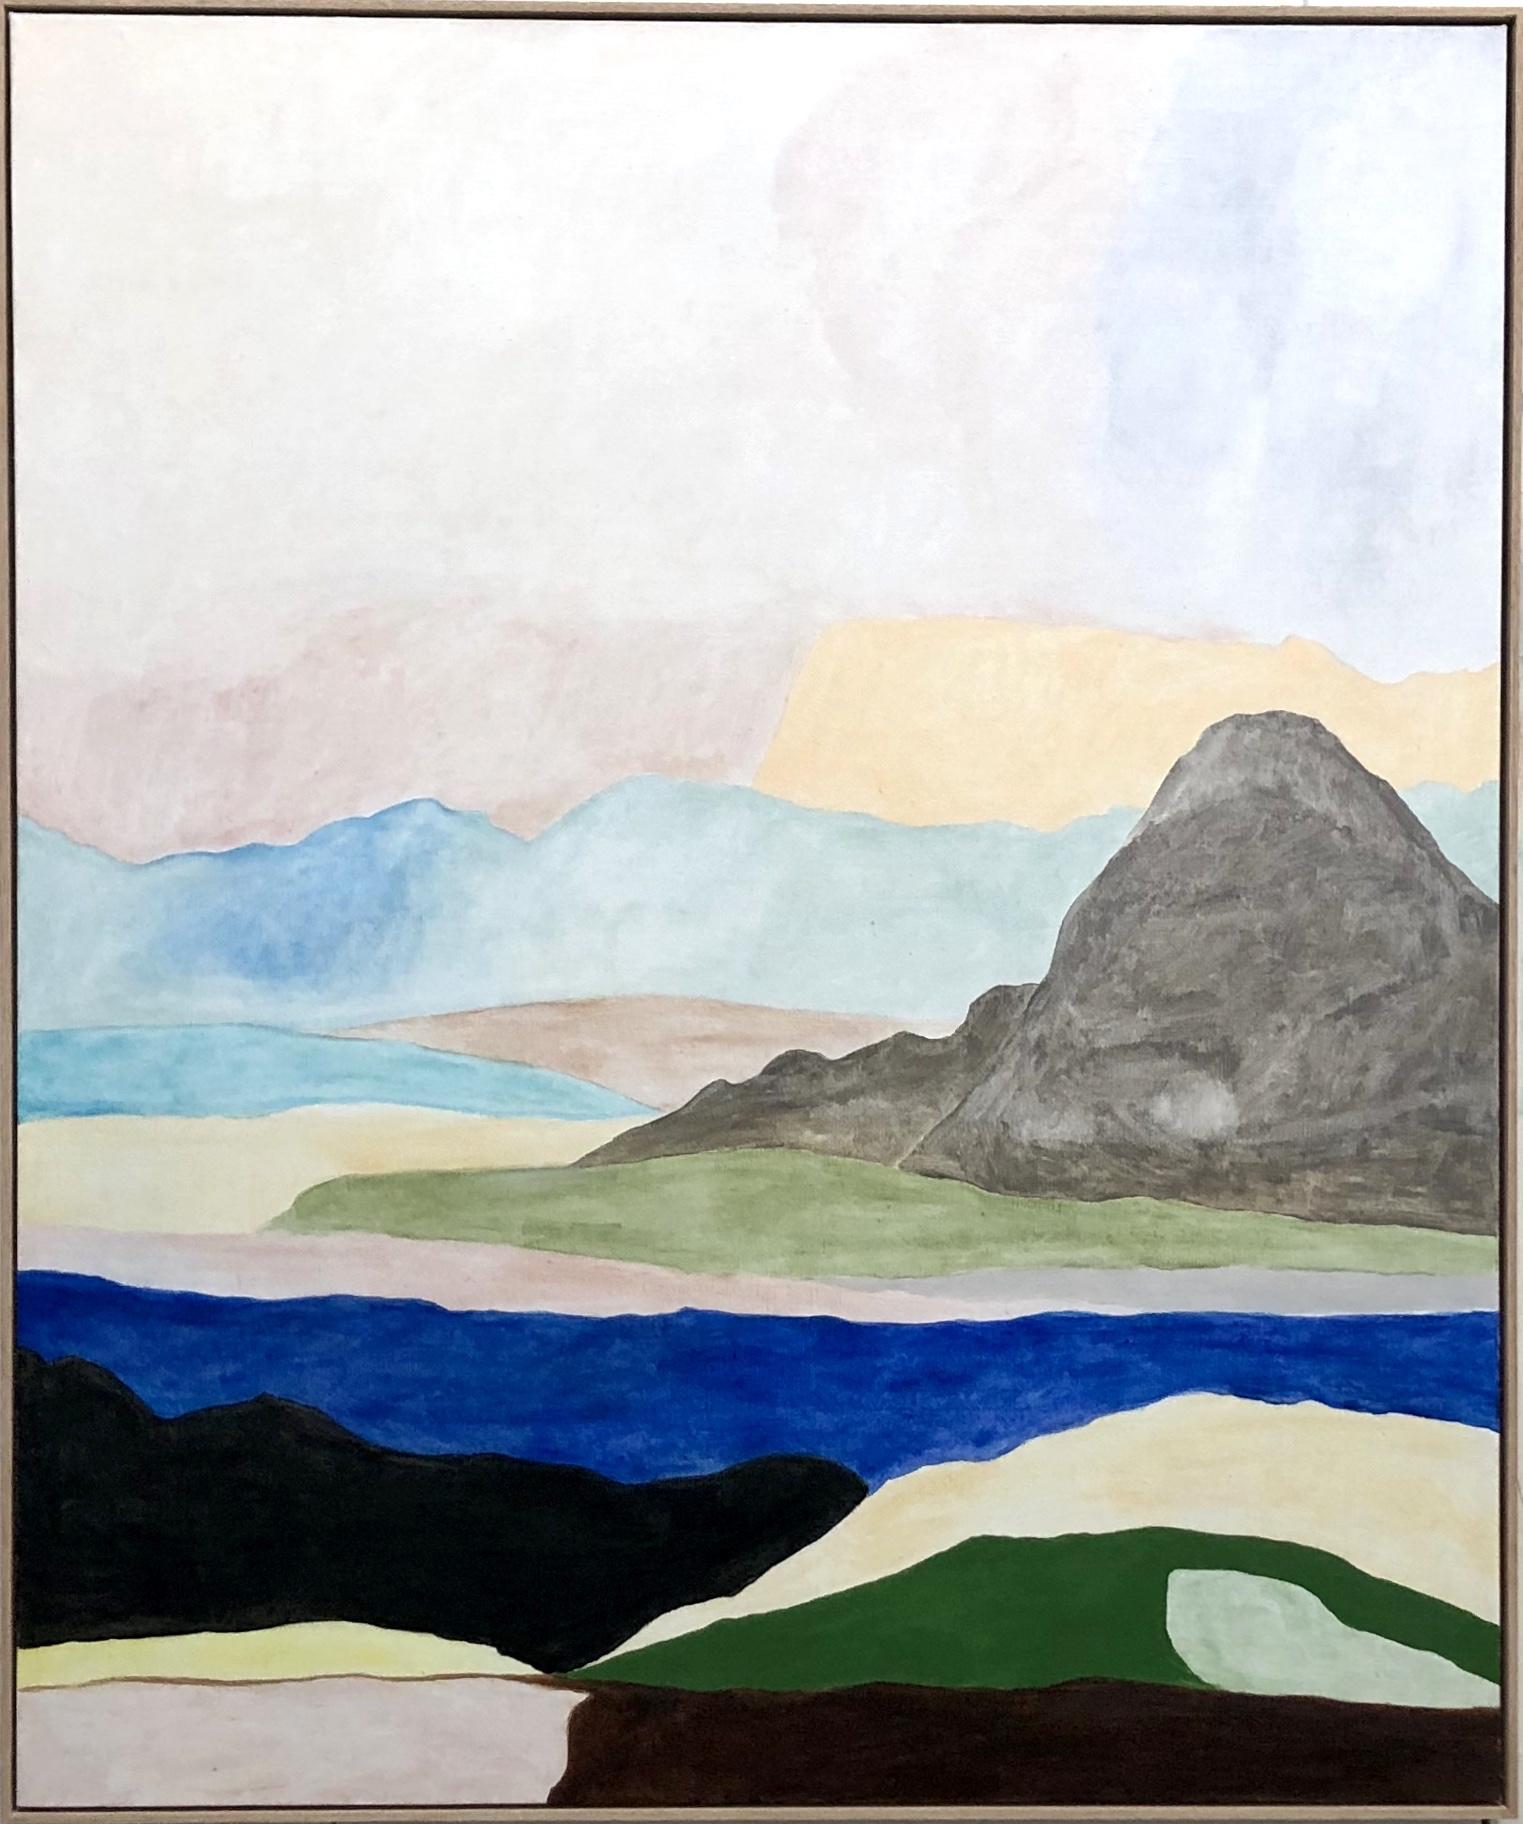 Jan Sebastian Koch: If Mountains Could Sing